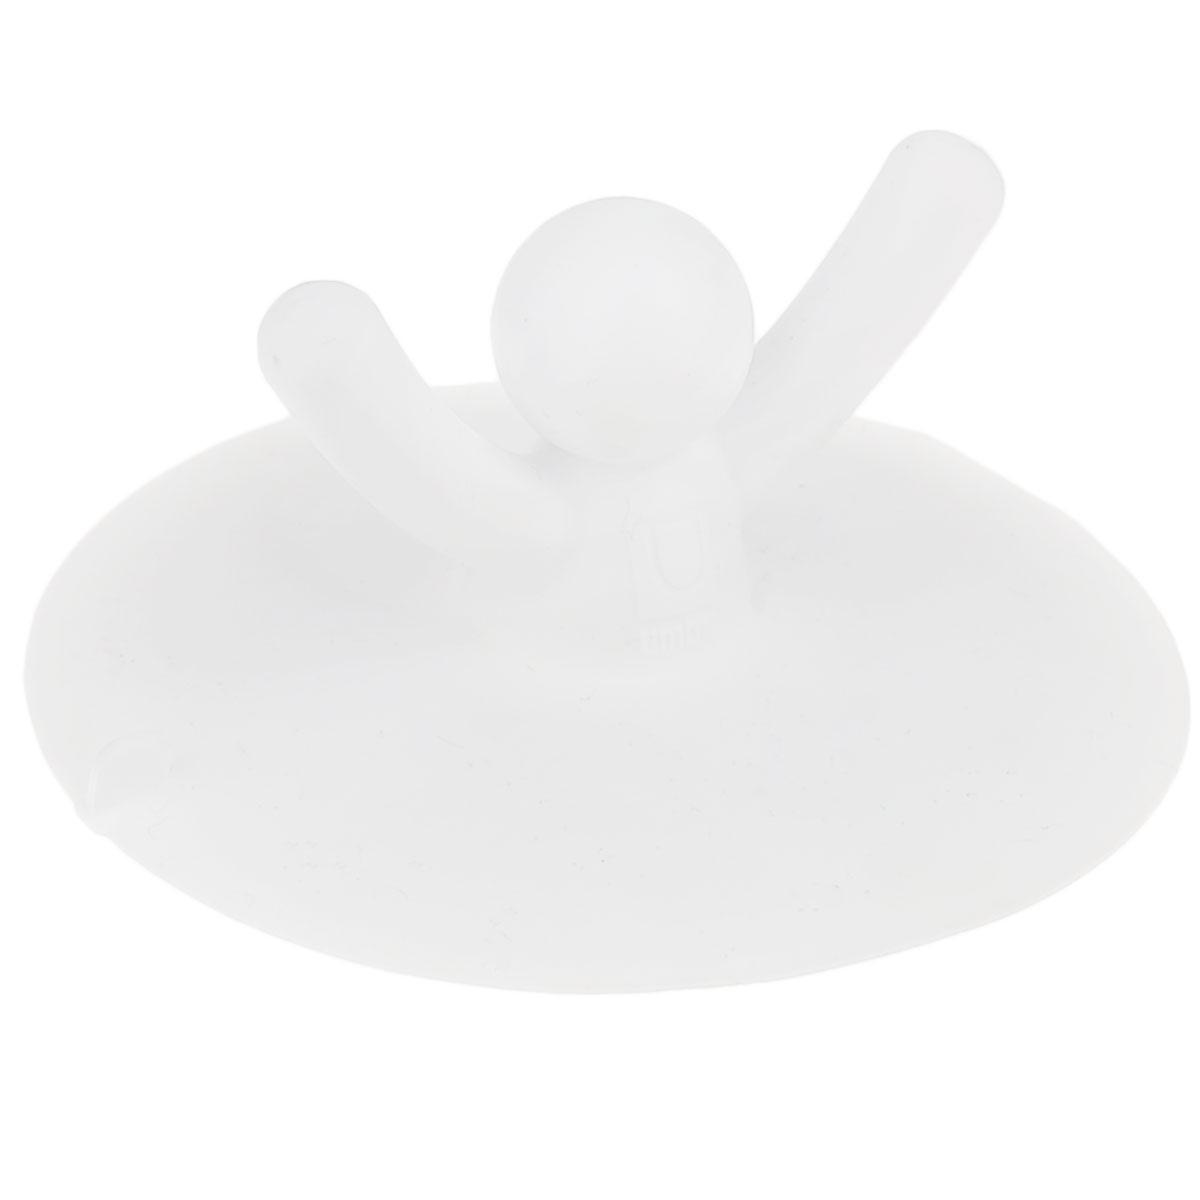 Пробка для раковины Umbra Buddy, цвет: белыйВетерок 2ГФПробка для ванны Umbra Buddy, изготовленная из полипропилена, предназначена для закупоривания сливного отверстия ванной или раковины.Пробка выполнена в виде человечка с поднятыми вверх руками. Потянув за человечка, вы легко вытащите пробку из ванны. Этот оригинальный аксессуар станет приятным дополнением к интерьеру ванной комнаты.